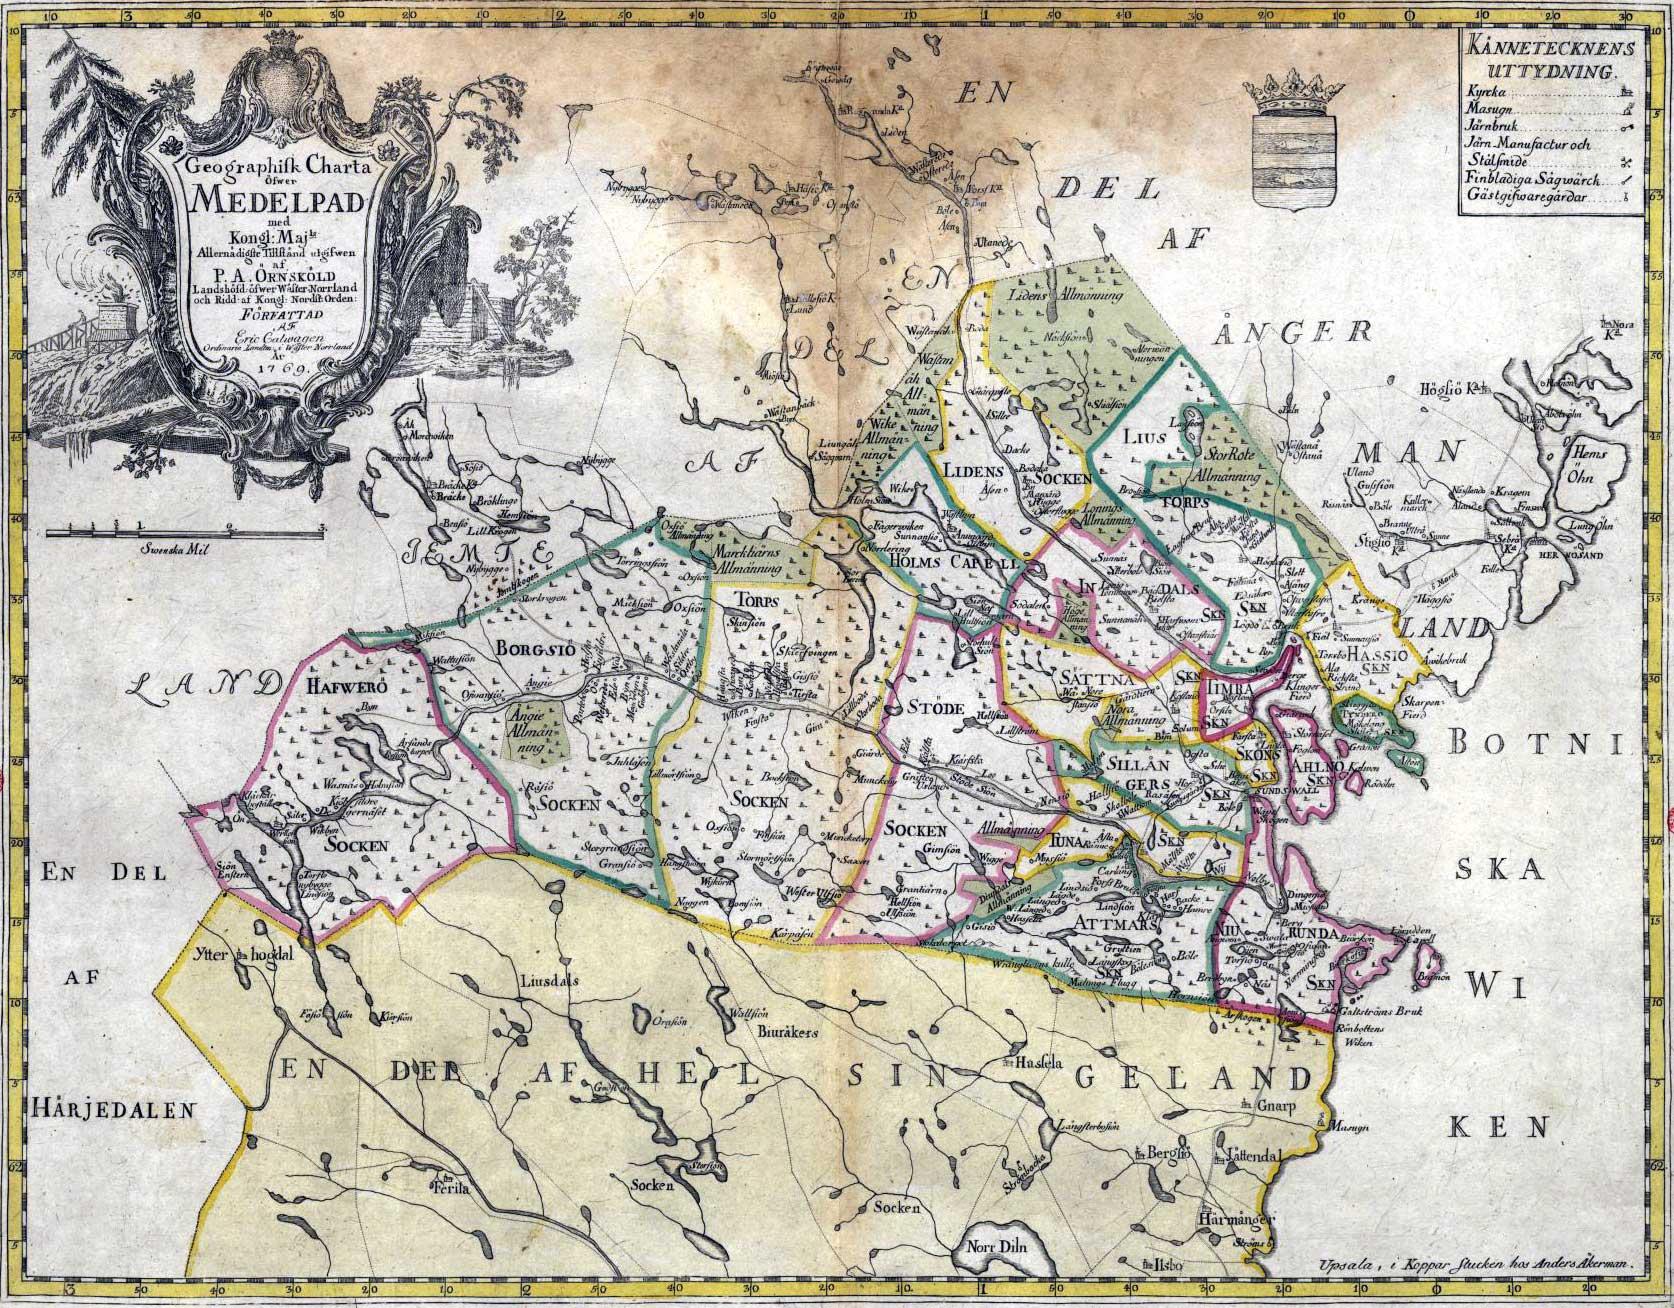 medelpad karta Ny sida 1 medelpad karta